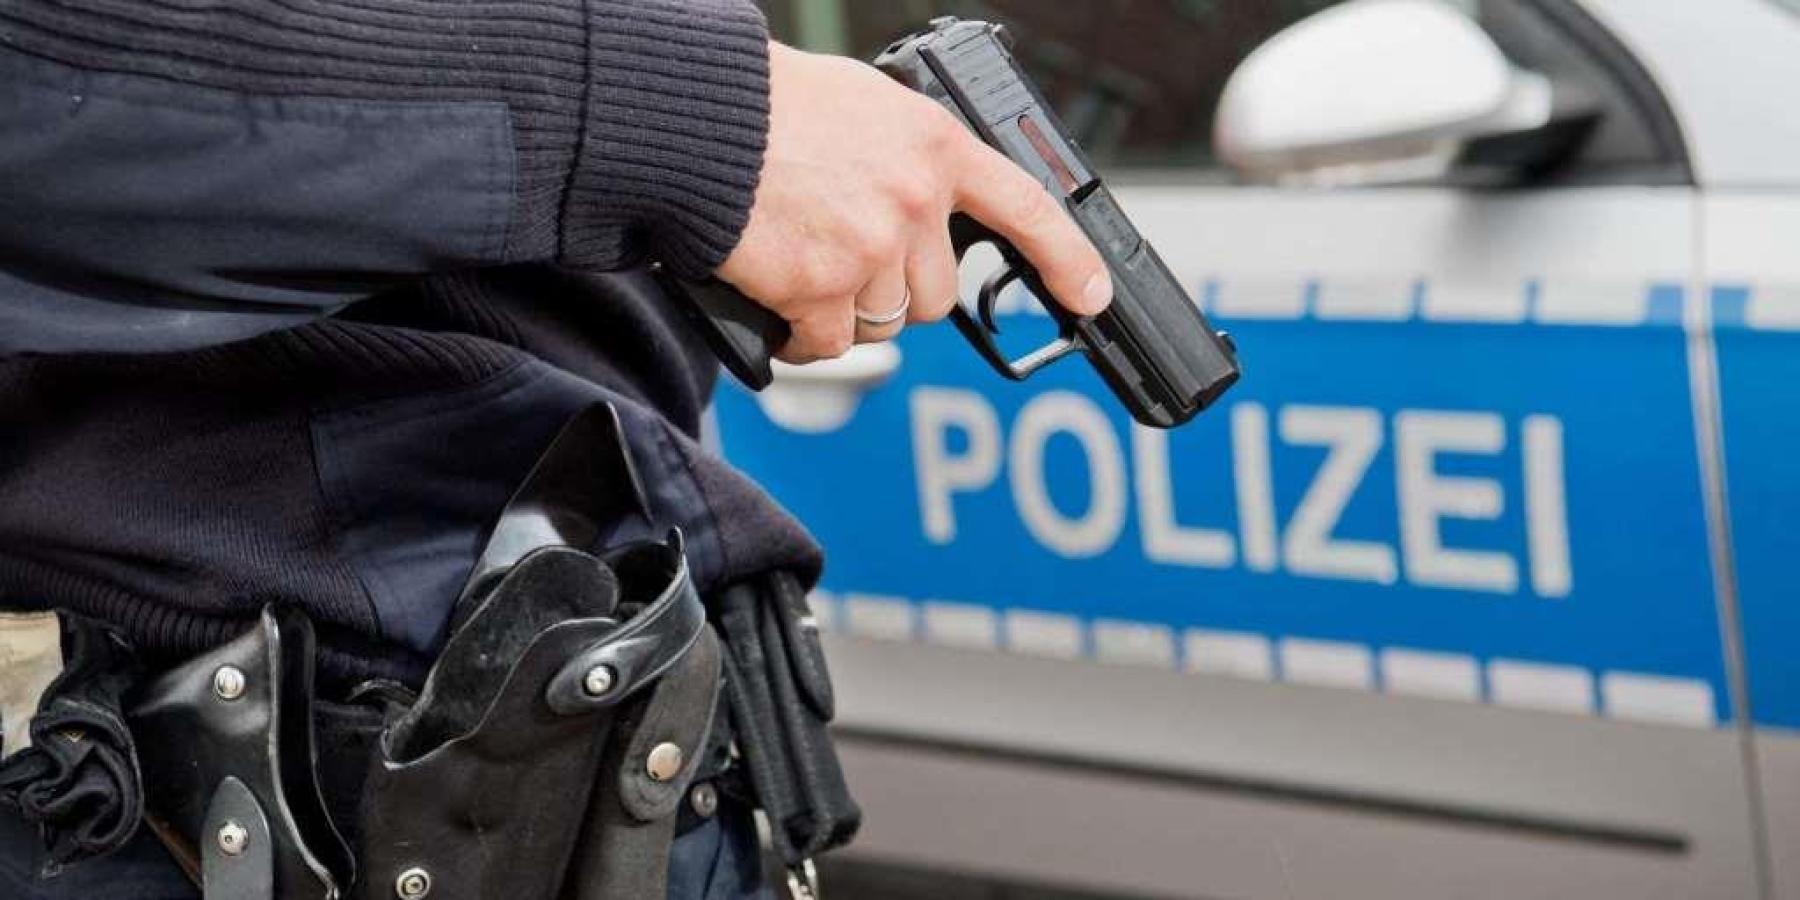 Polizei Münster übernimmt Ermittlungen zu einem Schusswaffengebrauch eines  Polizeibeamten